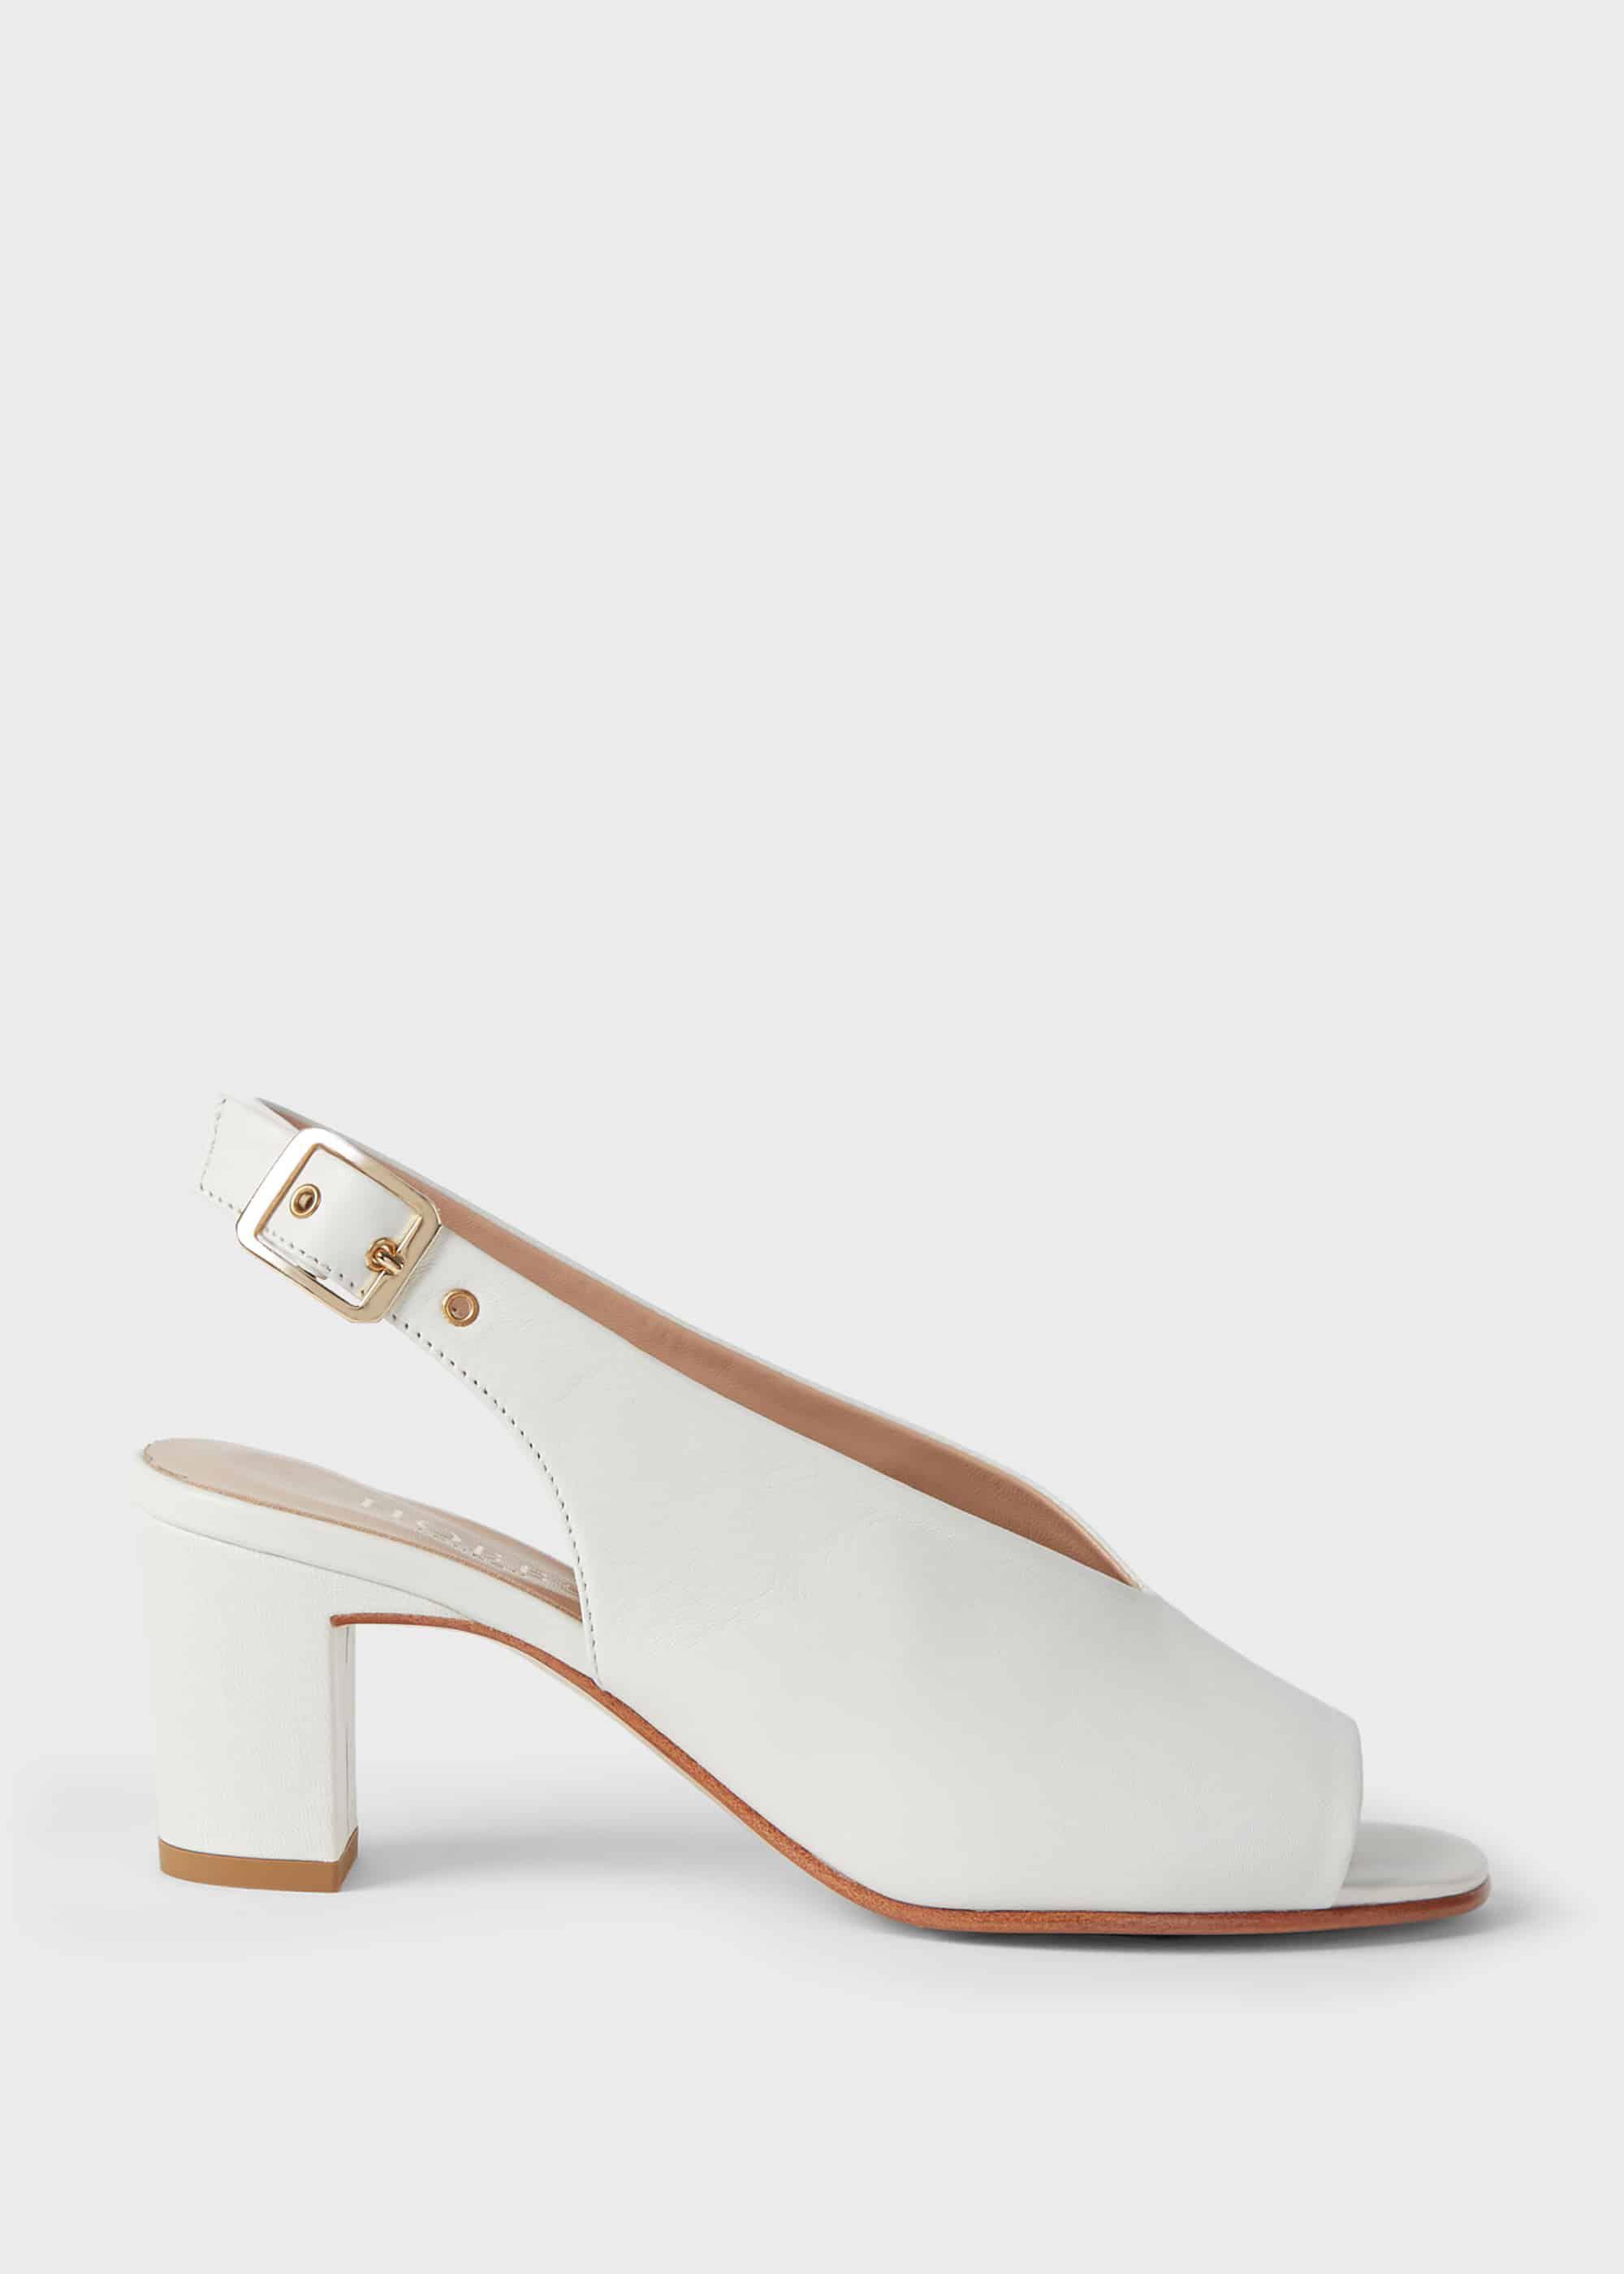 Kali Leather Block Heel Sandals | Hobbs